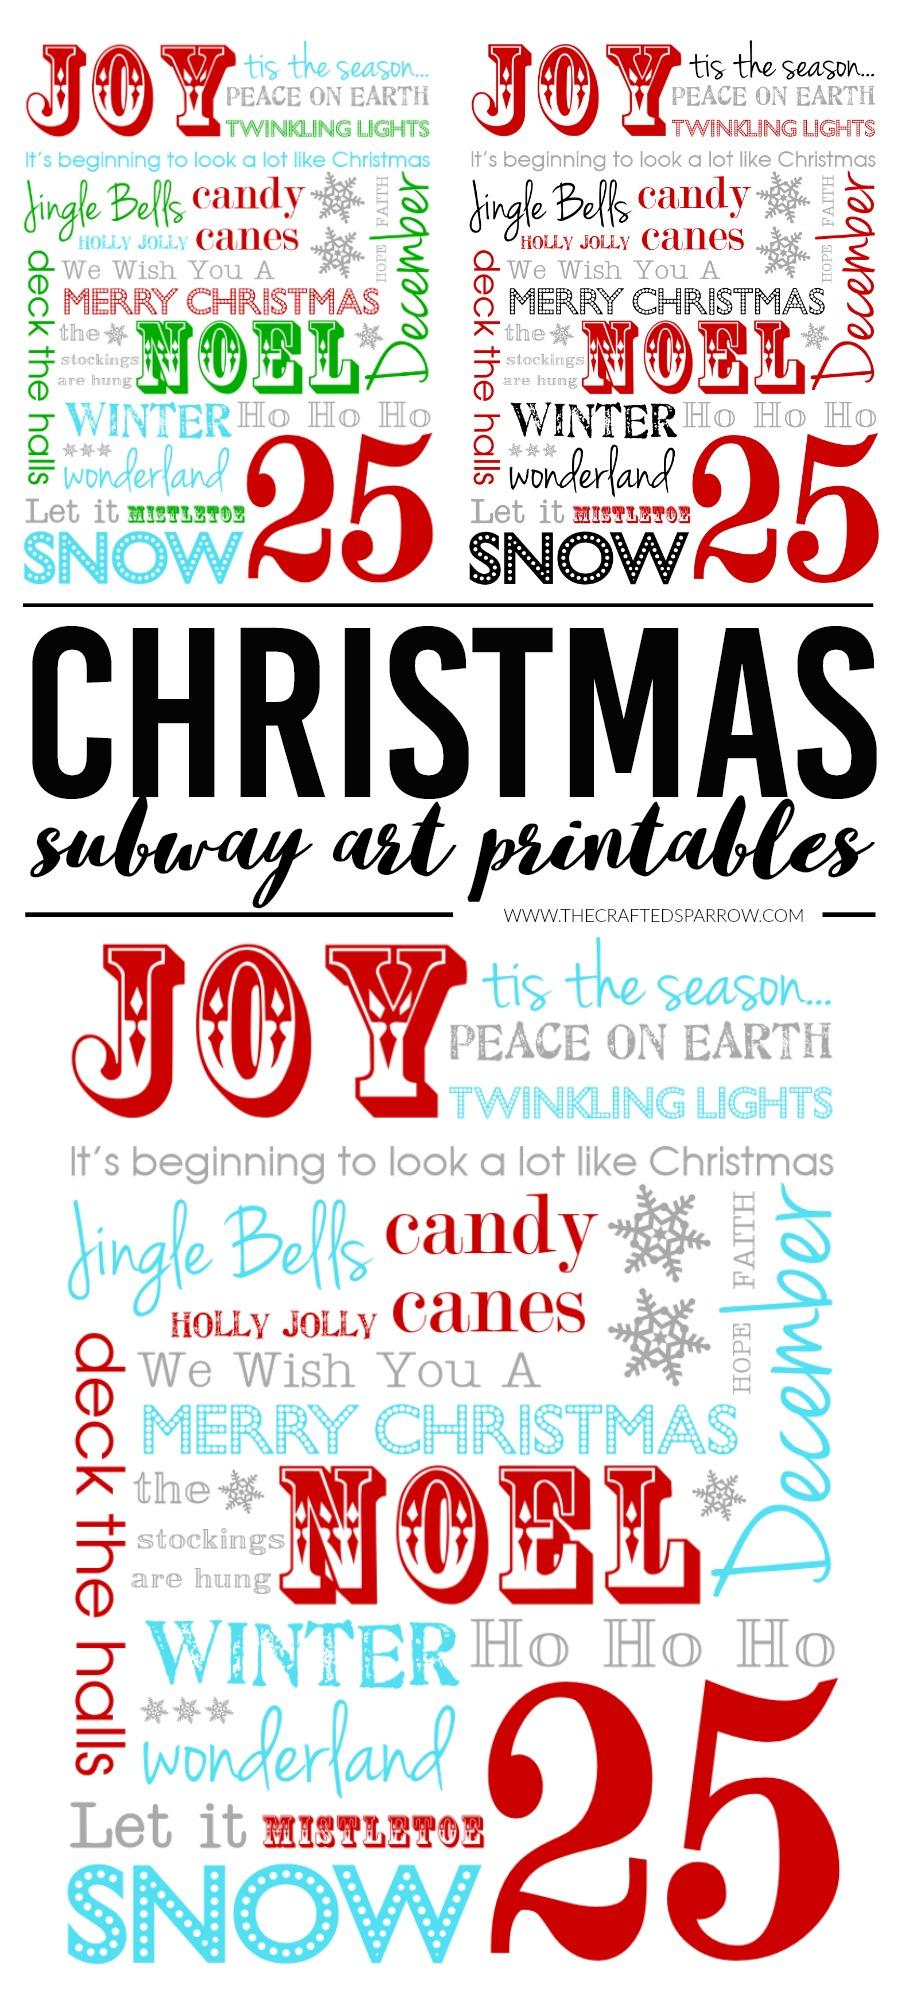 Christmas Subway Art Printables